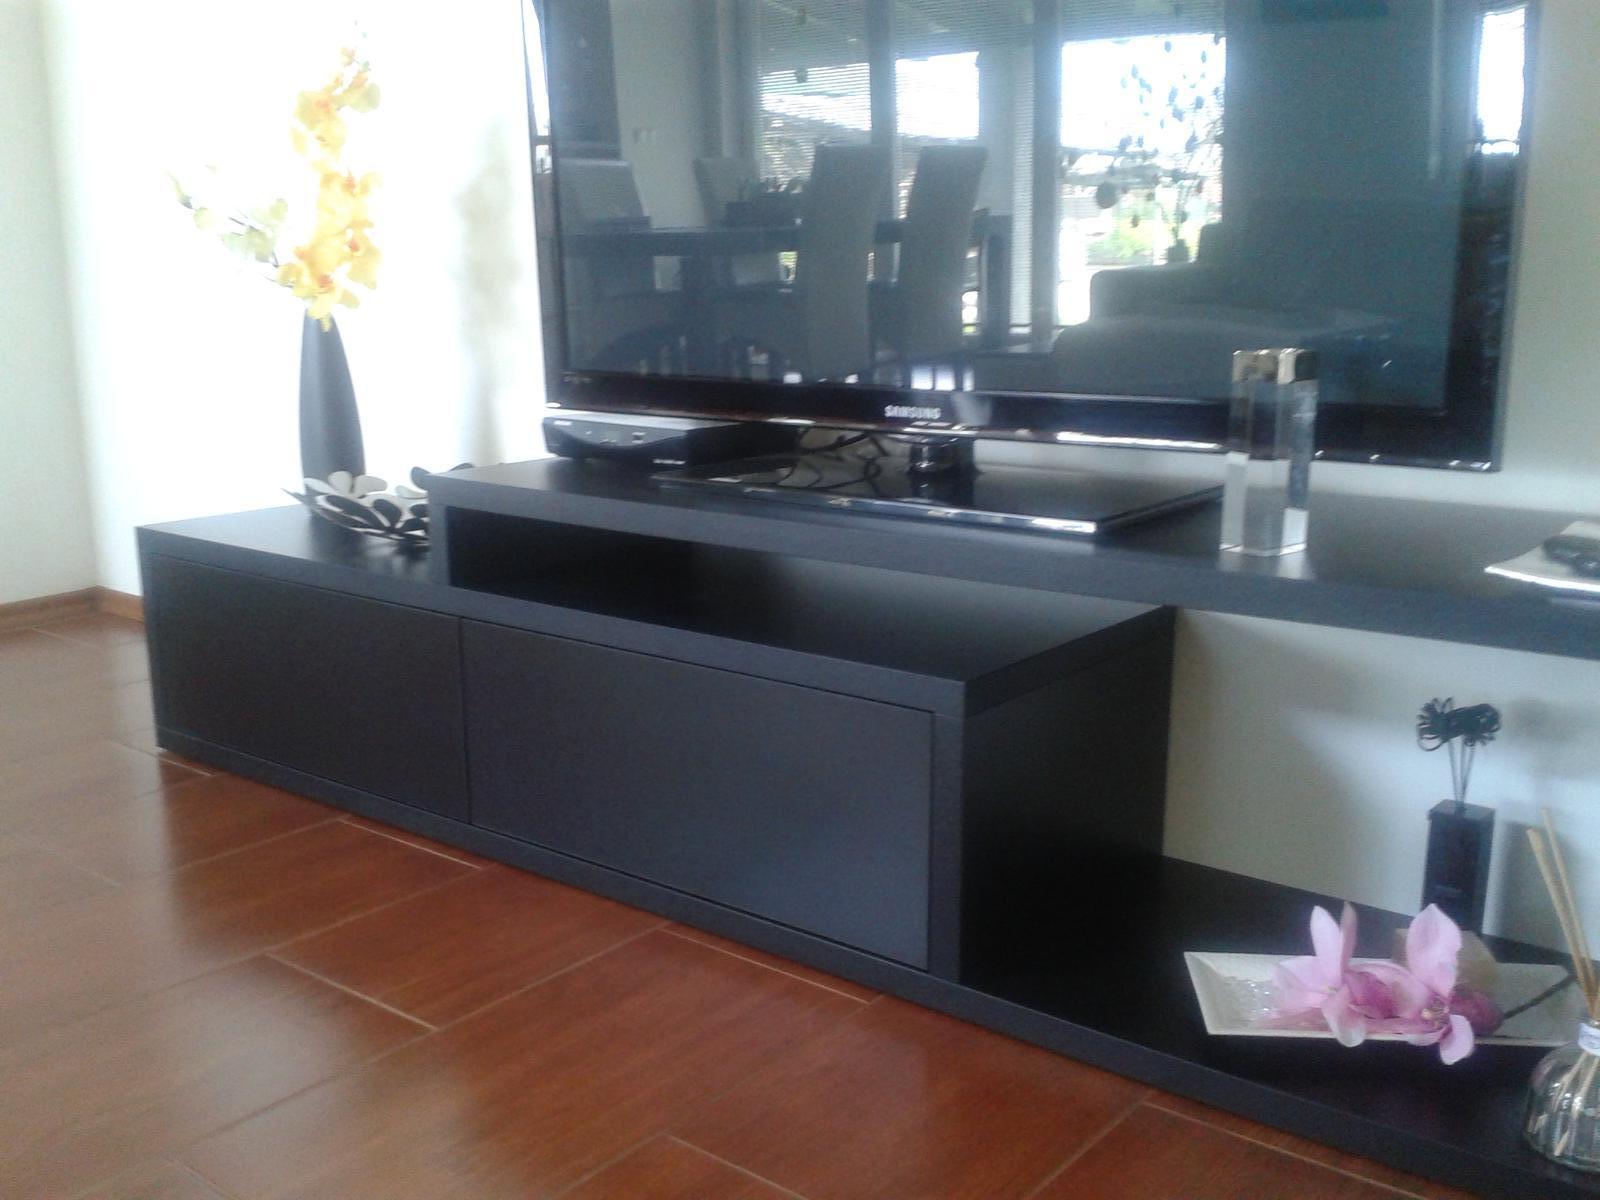 Domov sladký domov..... - nový stolík pod televizor